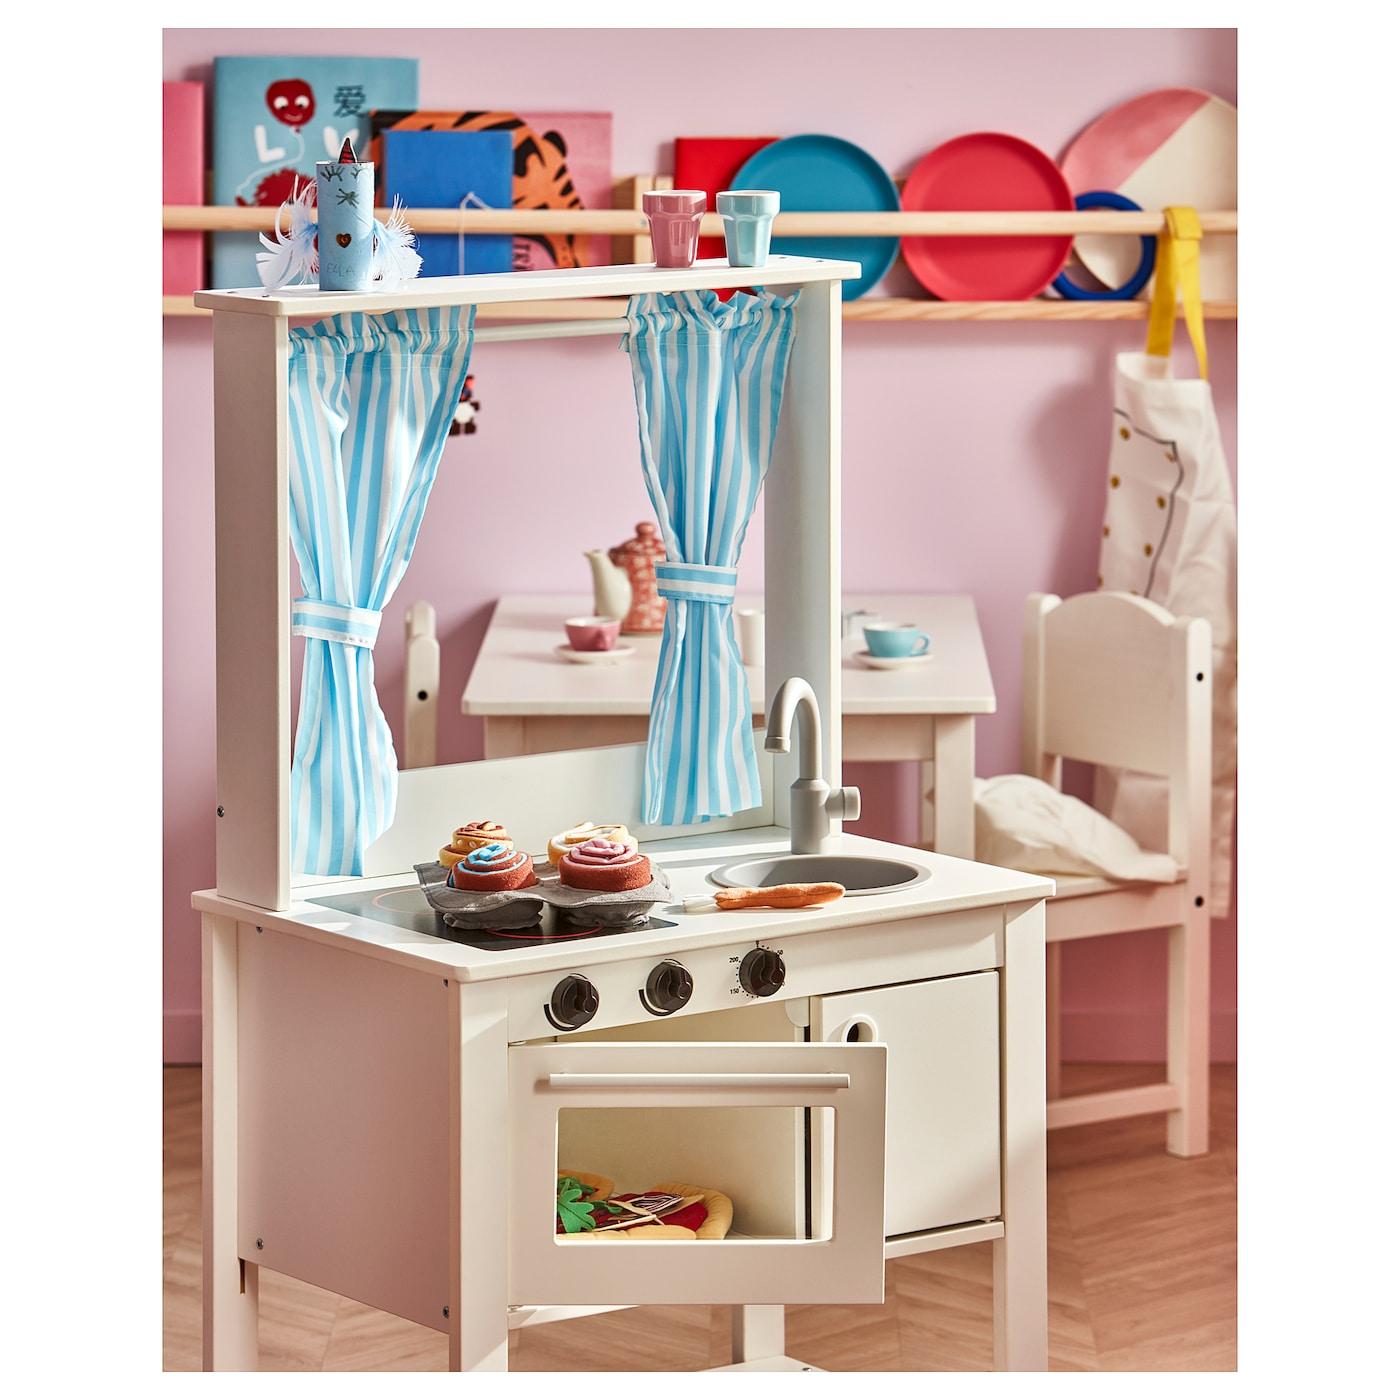 СПІСІГ іграшкова кухня із шторами 55 см 37 см 98 см